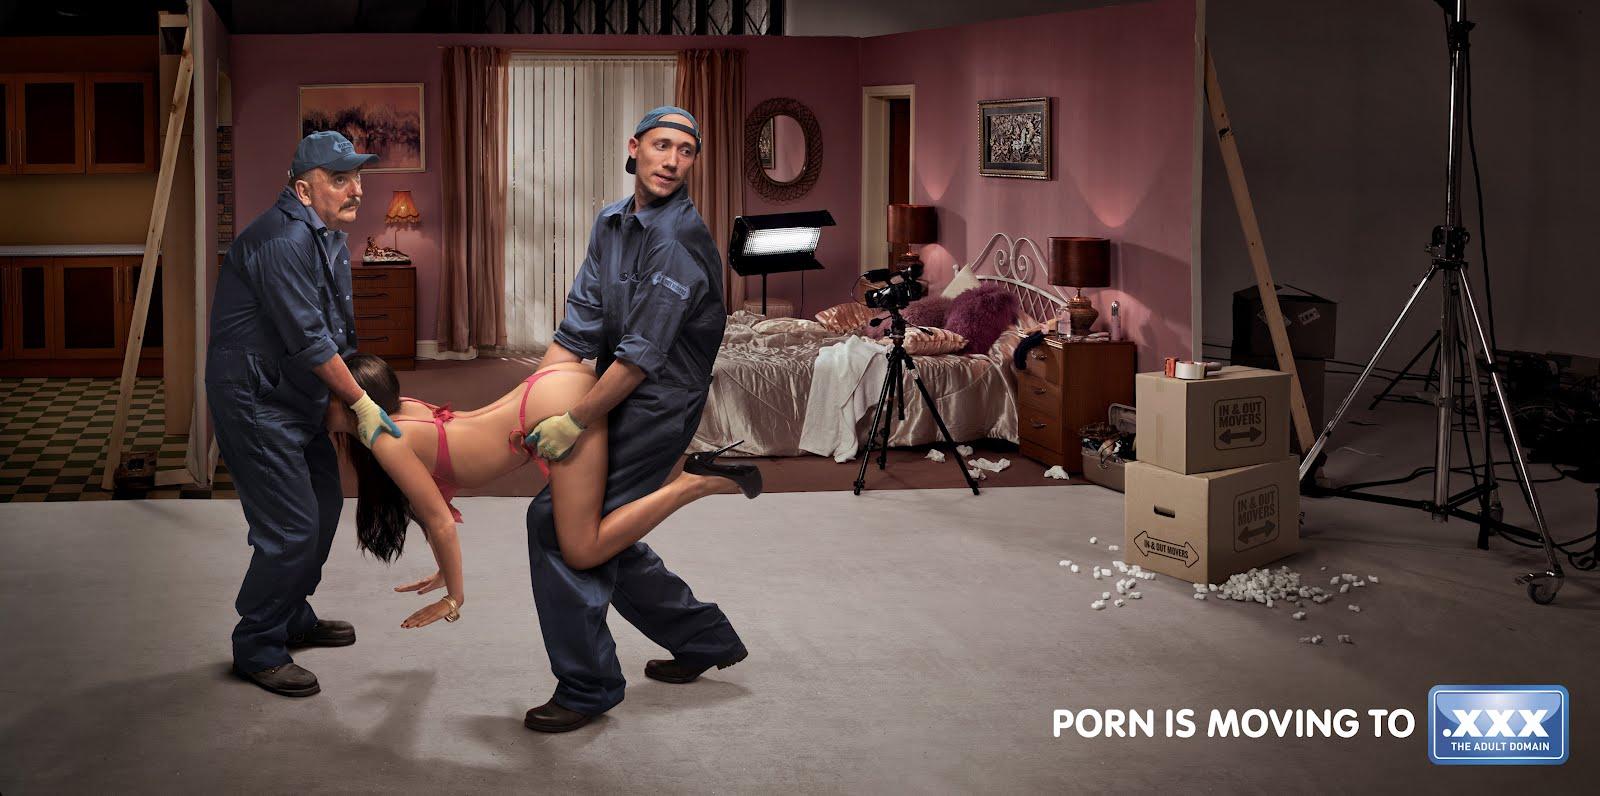 【エロ画像】海外のエロすぎる広告素材マジで丸出しすぎwwwコレは18禁やろwwwwwwwwwwww・17枚目